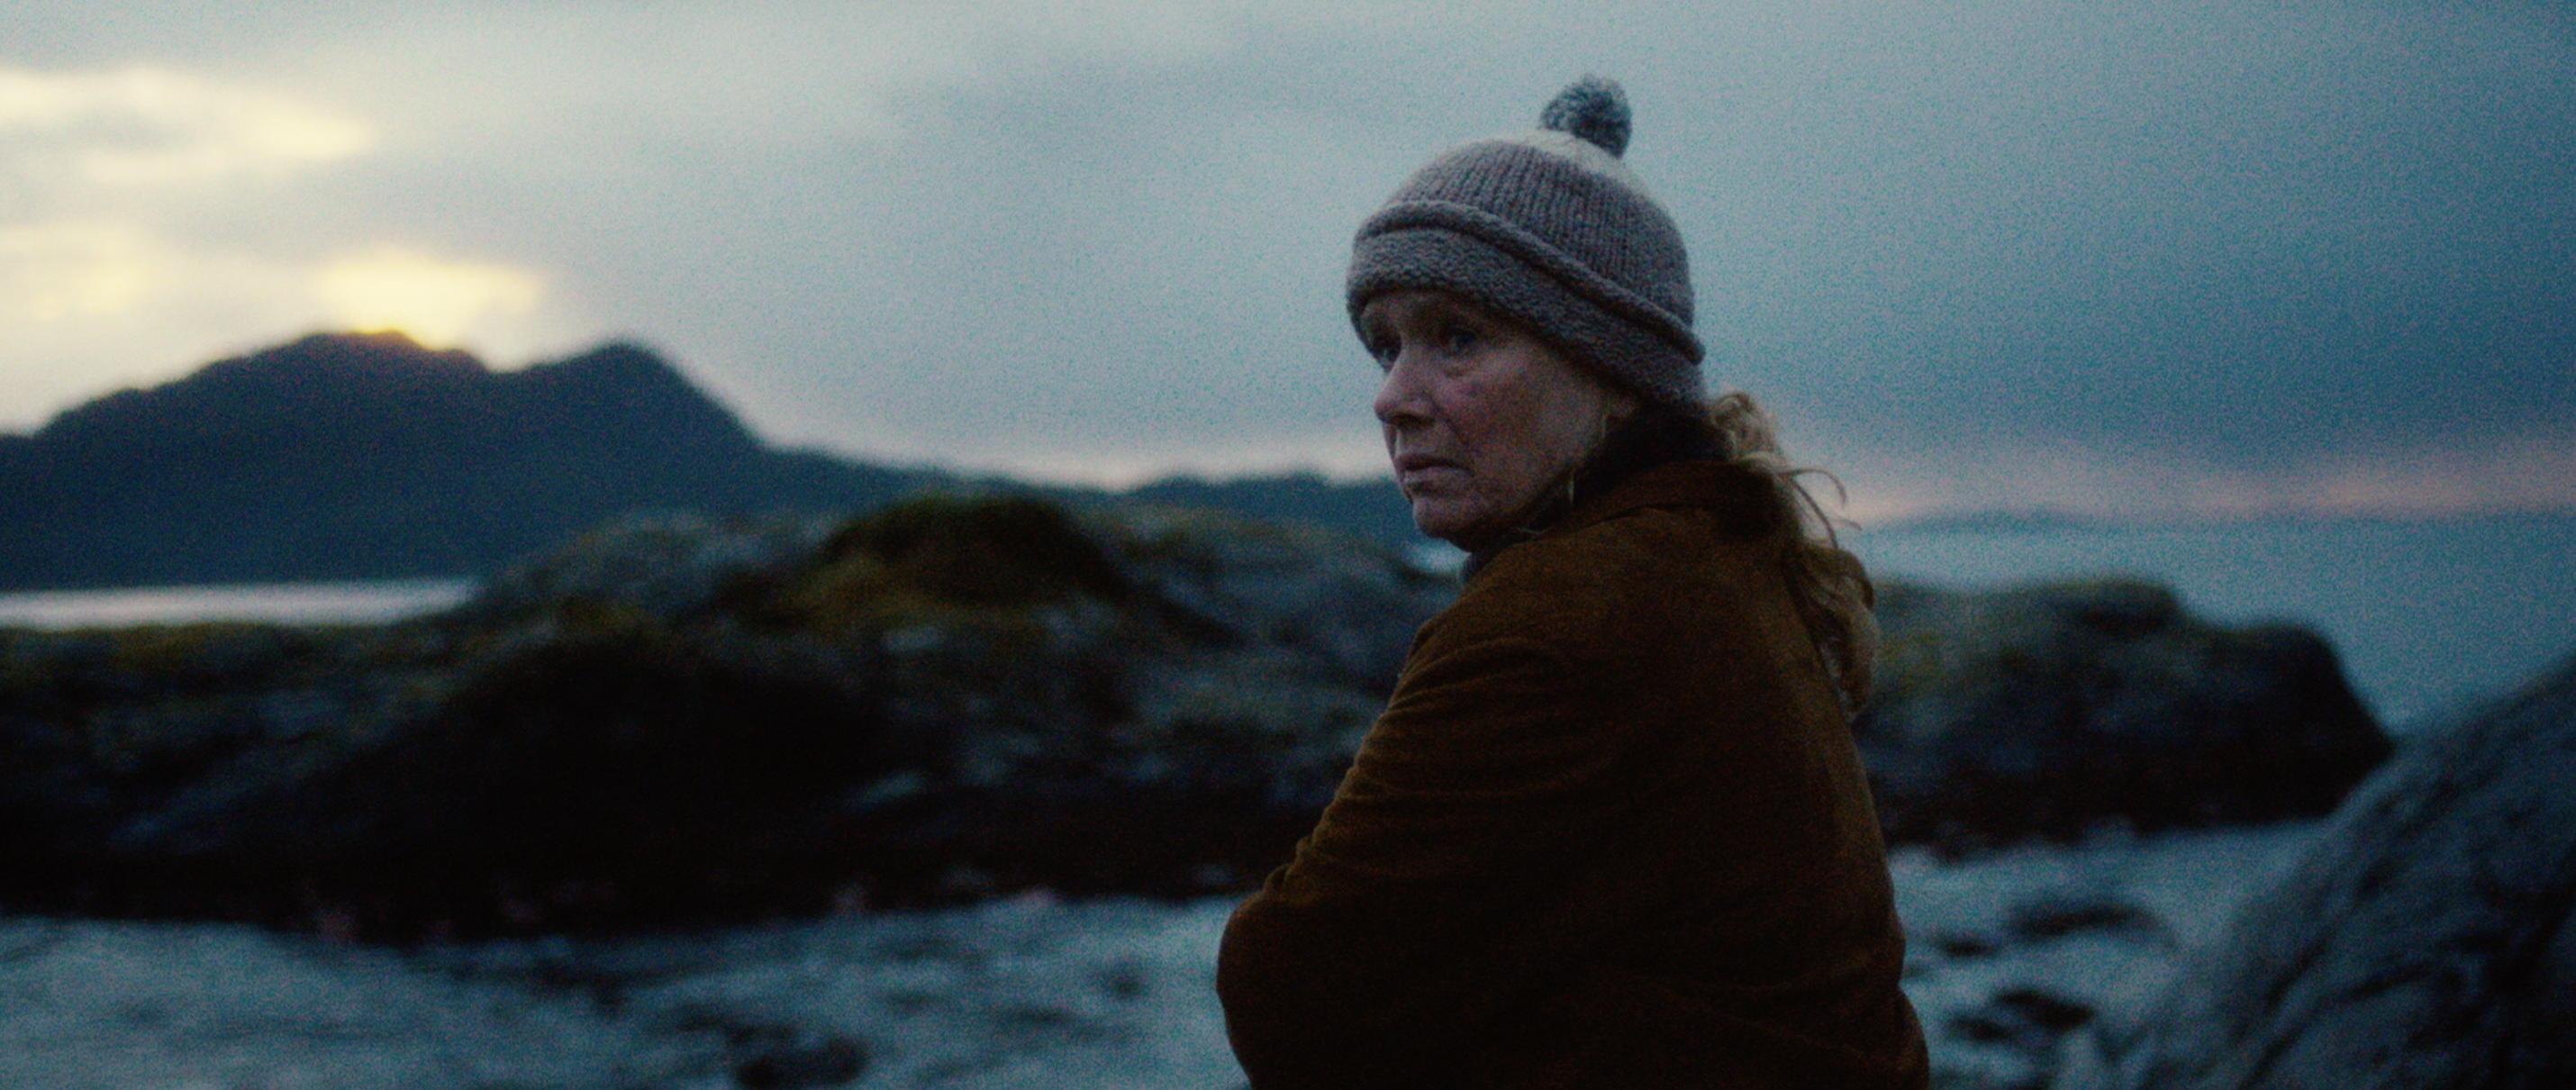 Zwei Leben - Two Lives - Liv Ullmann spielt Katrines Mutter Åse - Regie Georg Maas - Regie und Kamera Judith Kaufmann